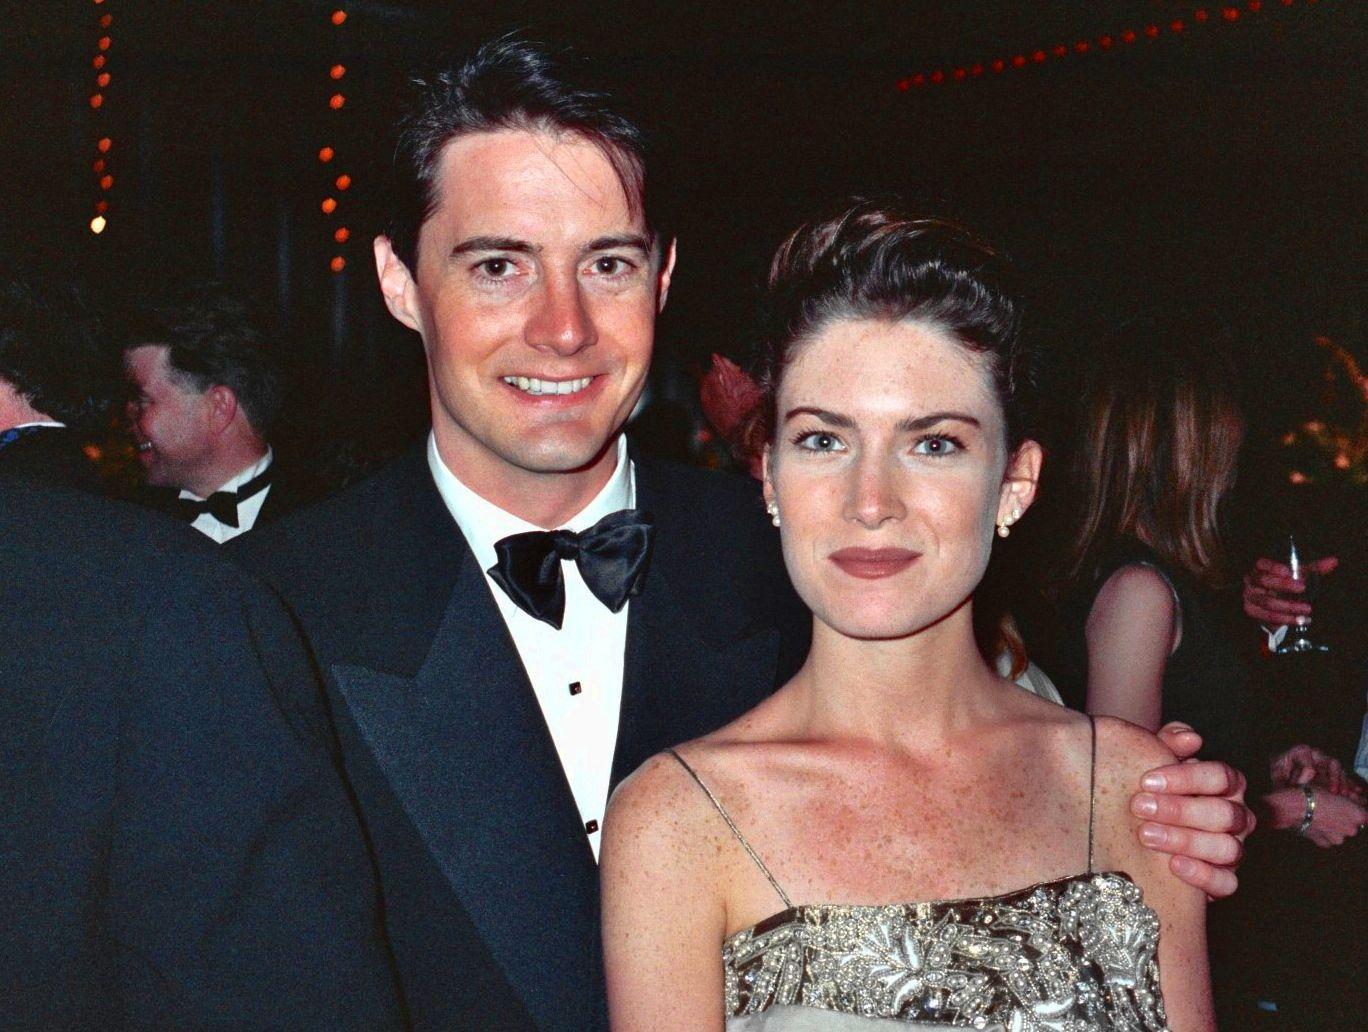 Kyle MacLachlan & Lara Flynn Boyle, 1990 Emmys